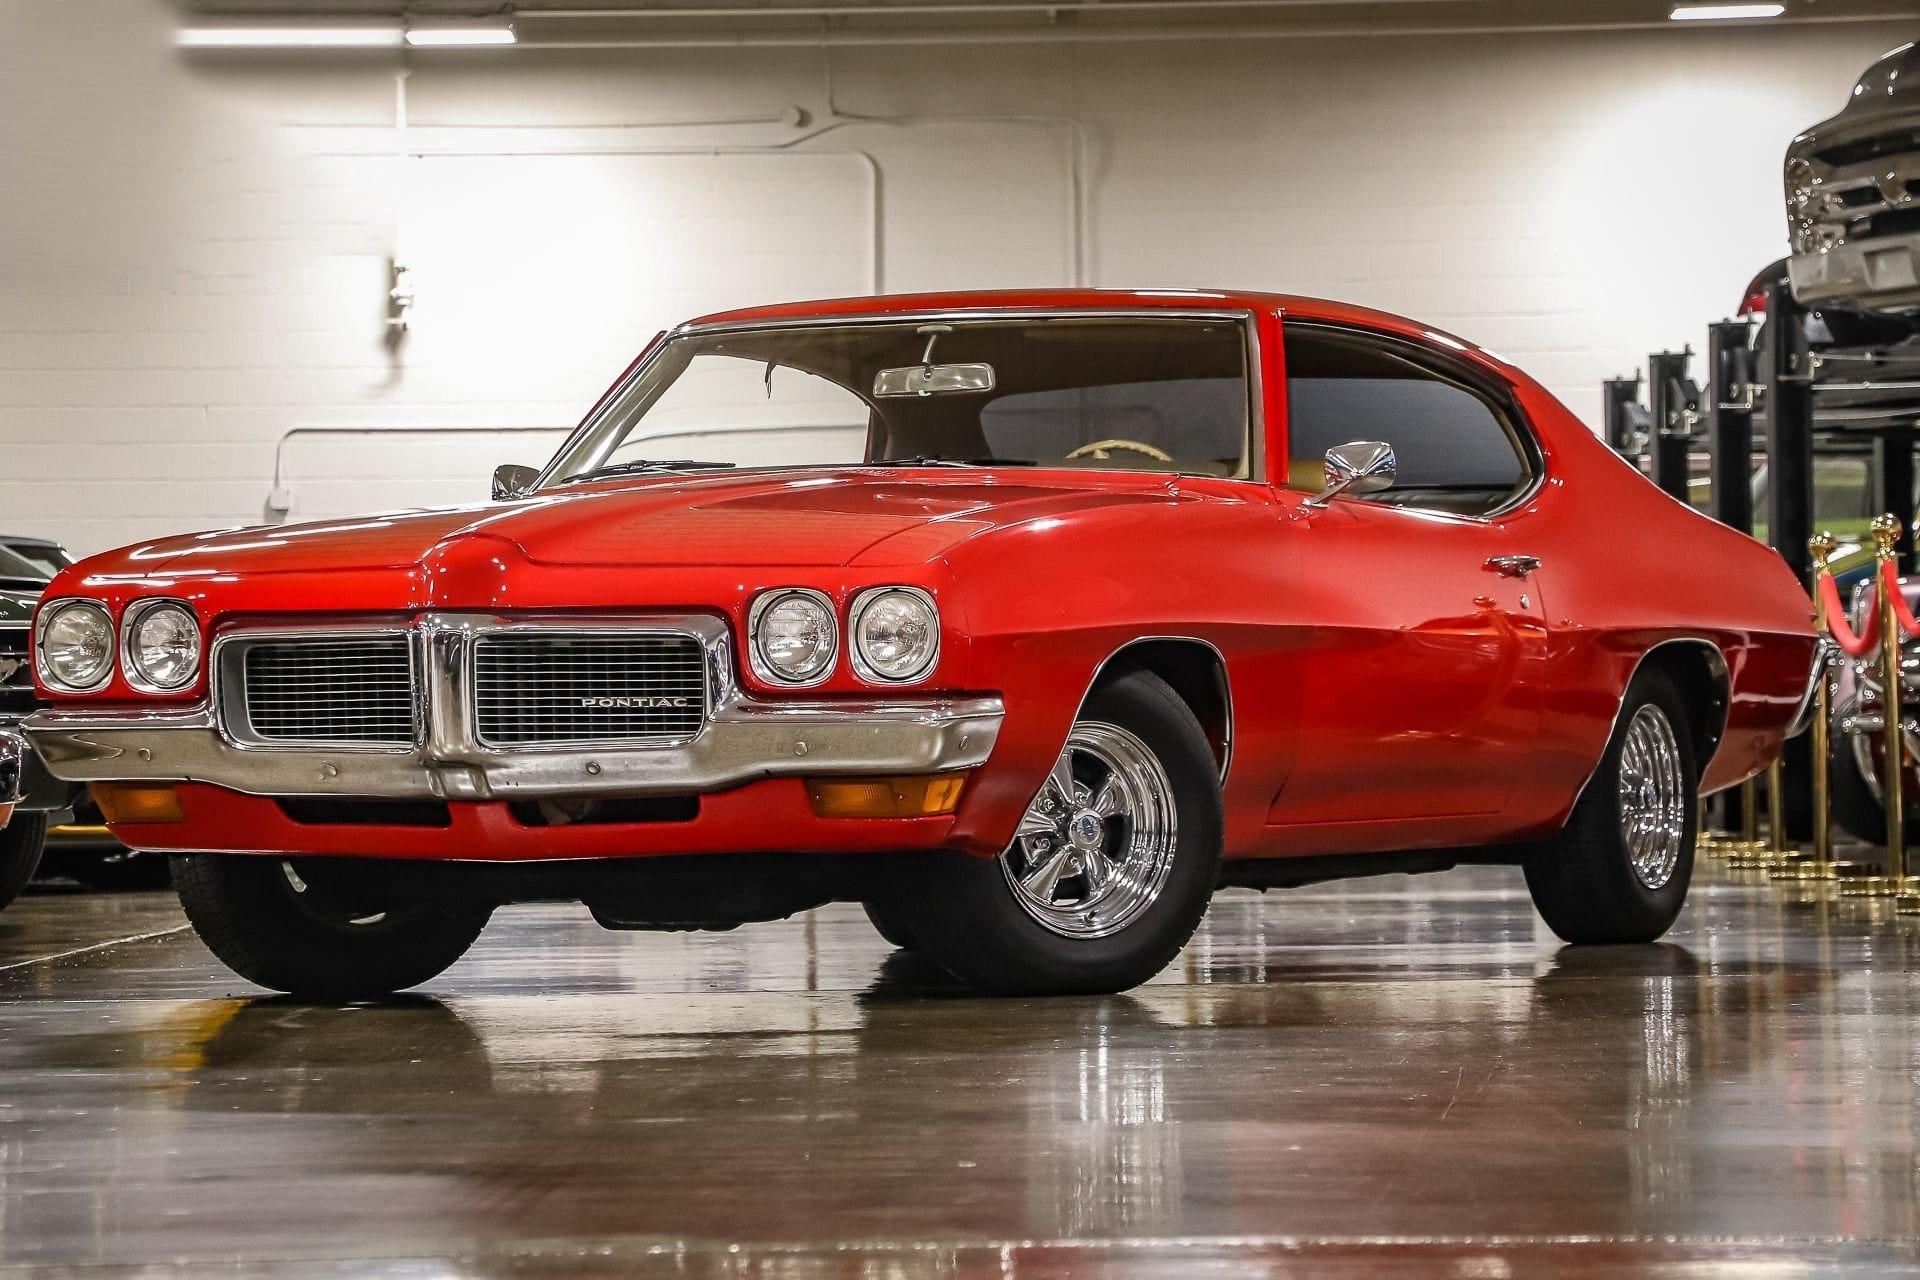 Pontiac Tempest 1970 à vendre European Vintage Cars.